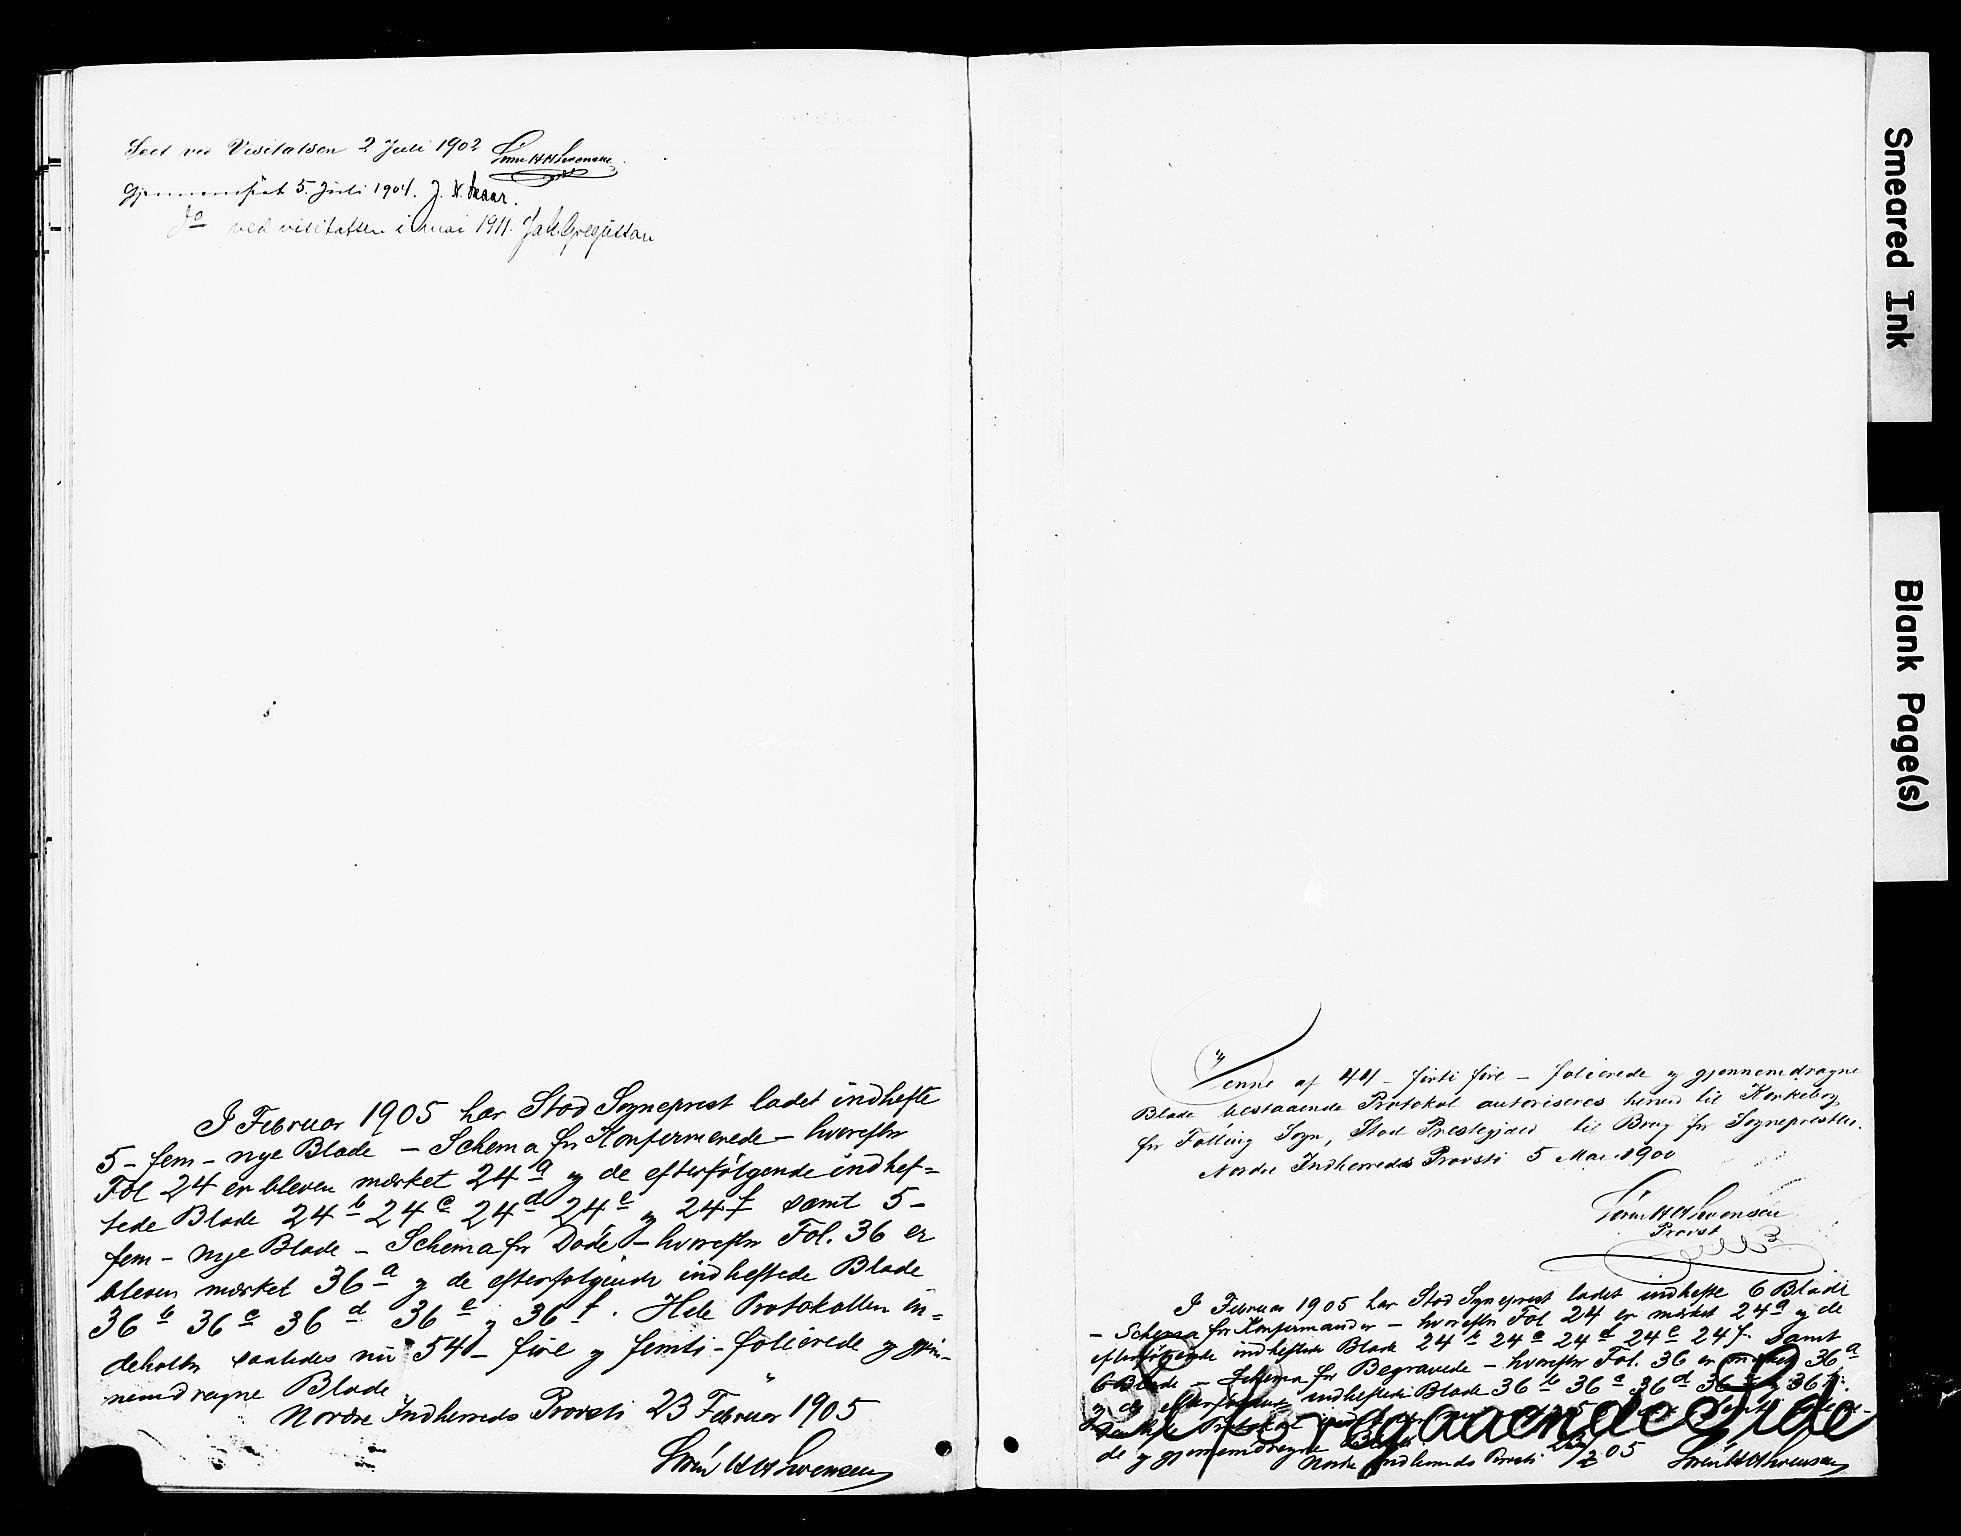 SAT, Ministerialprotokoller, klokkerbøker og fødselsregistre - Nord-Trøndelag, 748/L0464: Ministerialbok nr. 748A01, 1900-1908